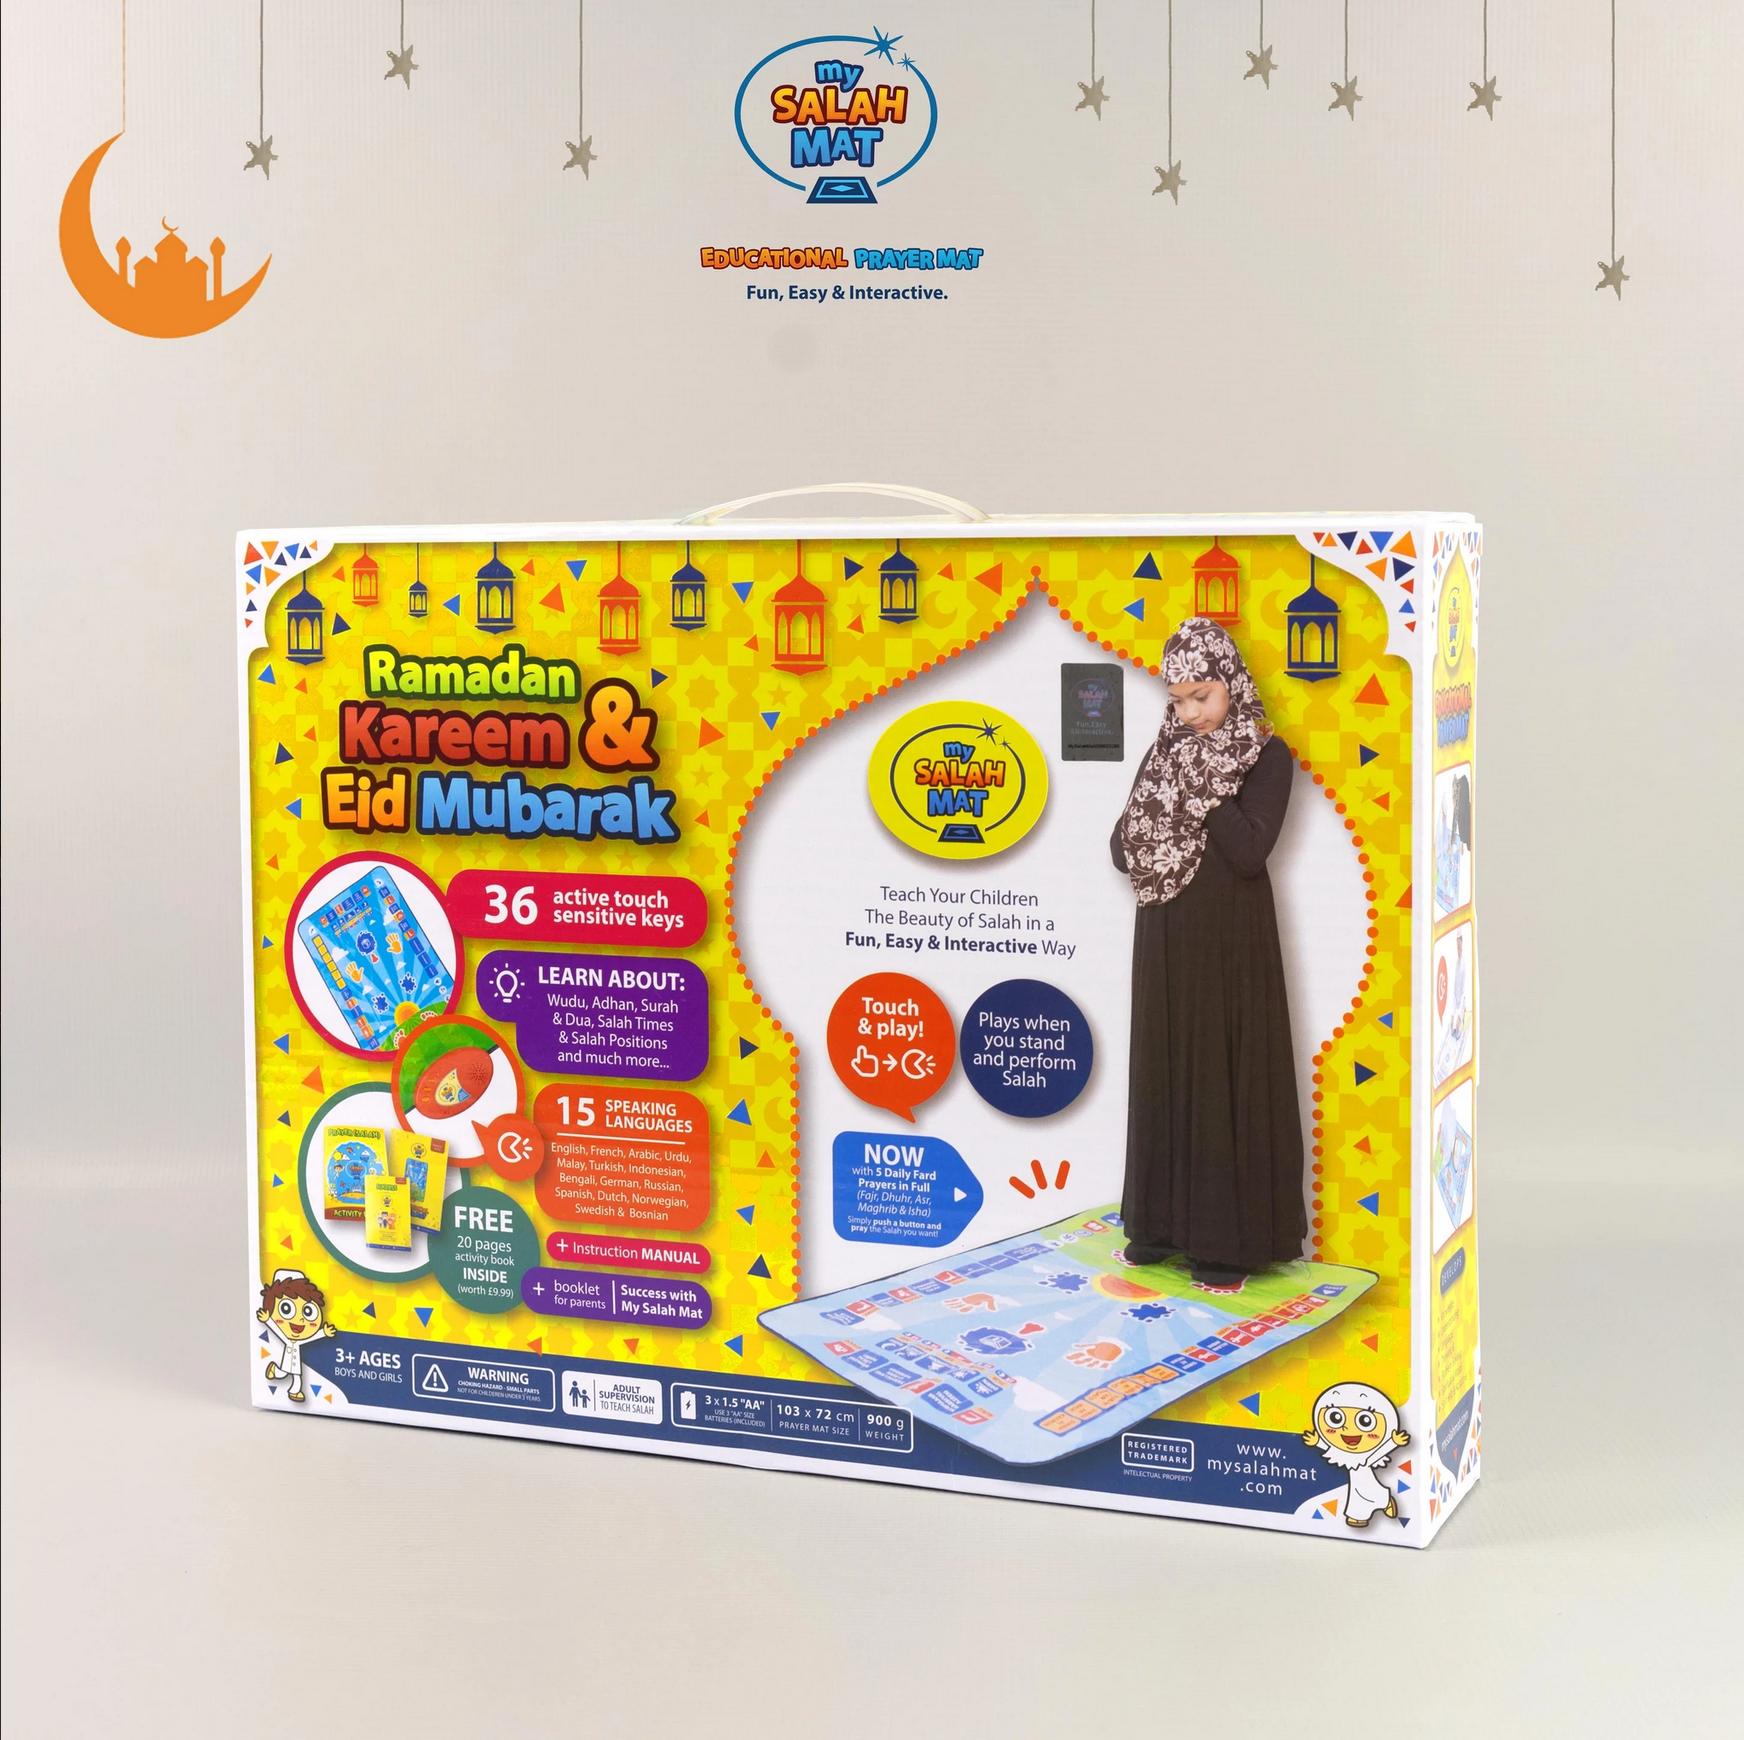 Mysalahmat-fronteidbox